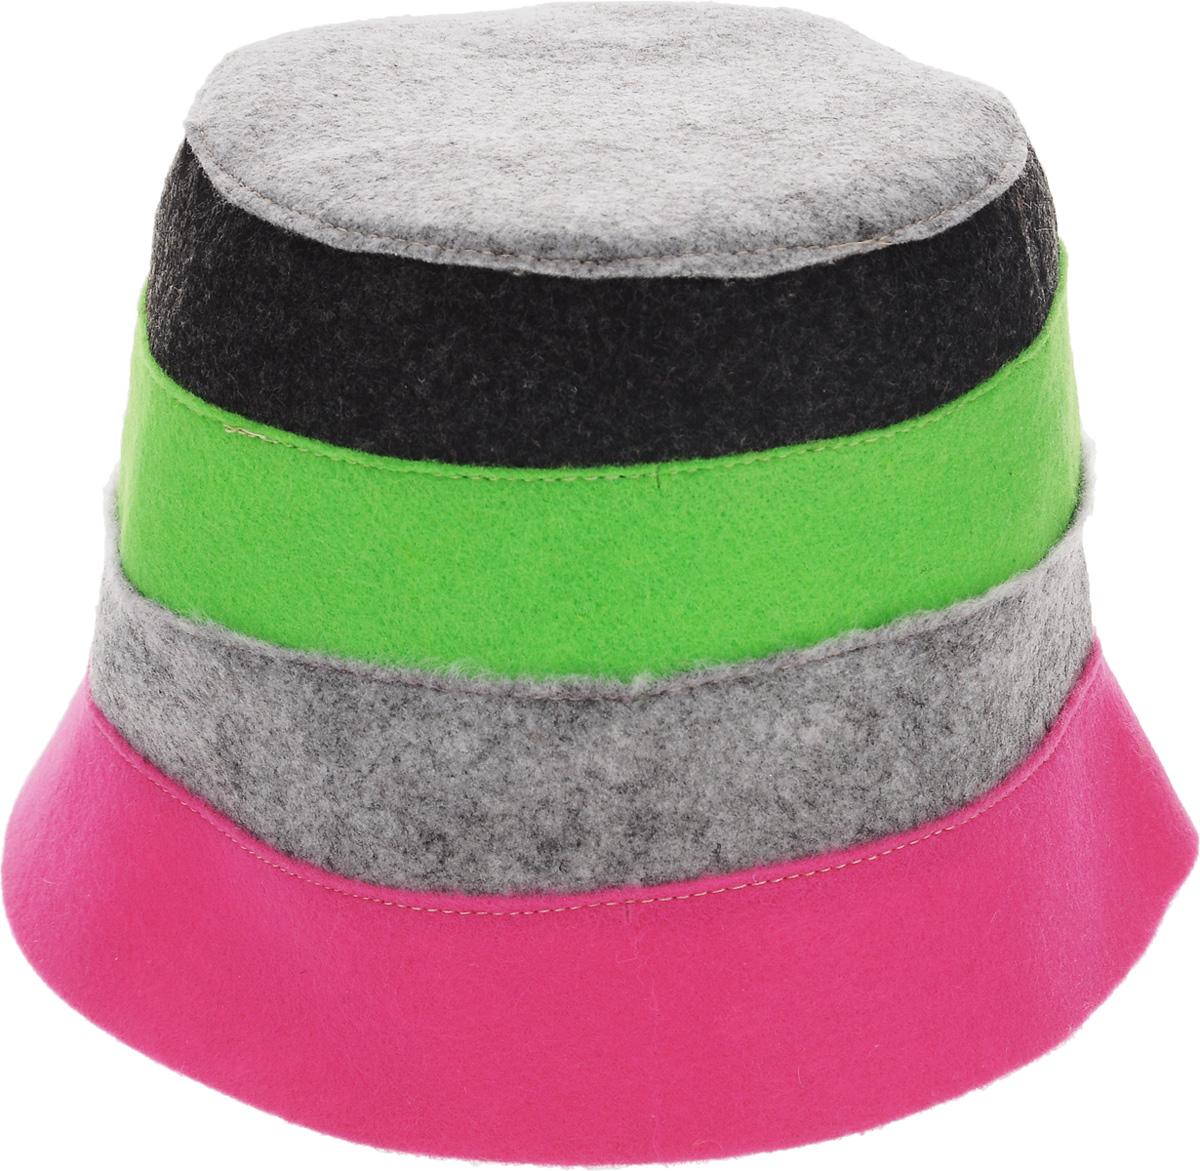 Шапка для бани и сауны Доктор баня В полоску, цвет: розовый, серый, зеленыйNLED-420-1.5W-WШапка для бани и сауны Доктор баня В полоску, выполненная из 100% полиэстера, является оригинальным и незаменимым аксессуаром для любителей попариться в русской бане и для тех, кто предпочитает сухой жар финской бани. Необычный дизайн изделия поможет сделать ваш отдых более приятным и разнообразным. При правильном уходе шапка прослужит долгое время - достаточно просушивать ее.Обхват головы: 60 см.